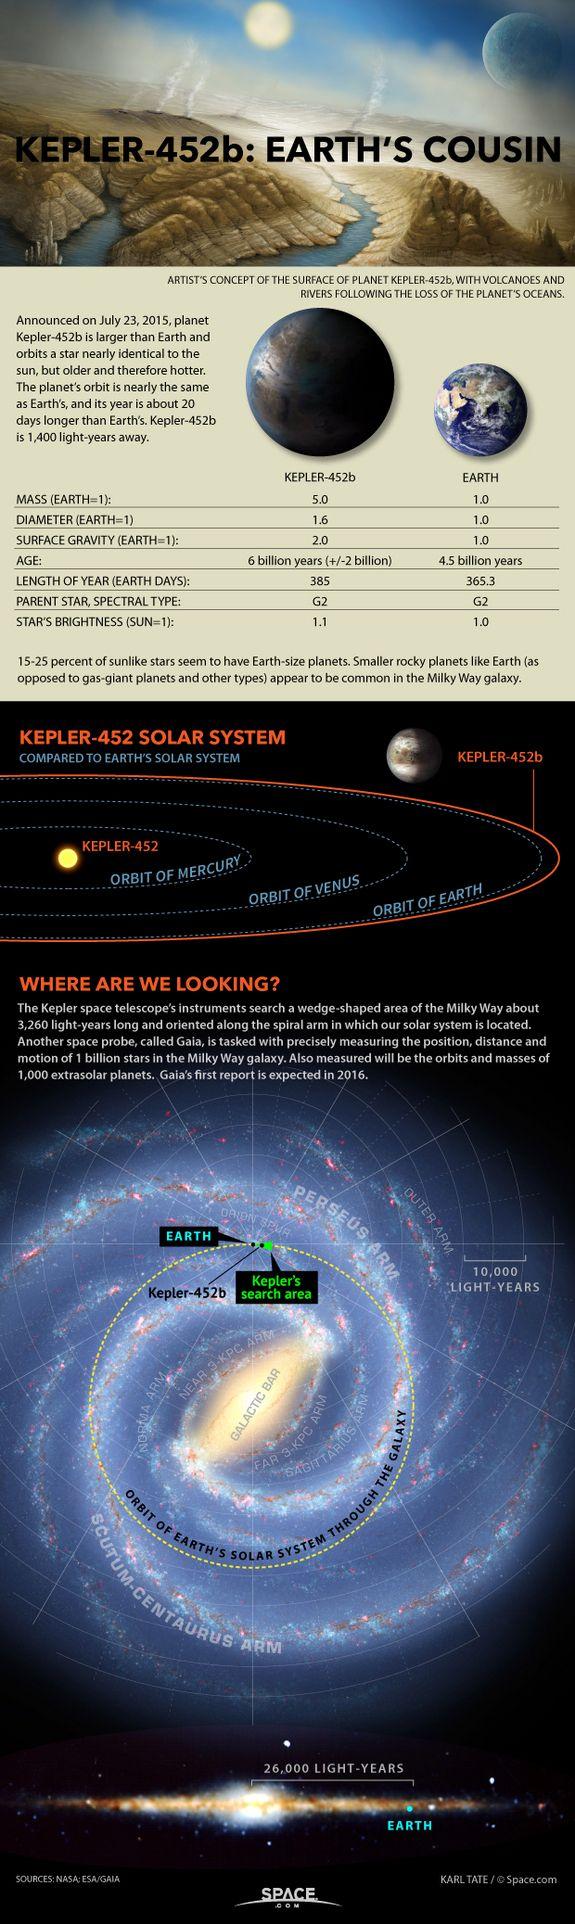 El planeta Kepler-452b es más grande que la tierra y orbita una estrella casi idéntica al sol, pero más vieja y por lo tanto más caliente. La órbita del planeta es casi igual a la de la tierra, y su año es más largo que el de la tierra con cerca de 20 días. Kepler-452b está a 1.400 años luz de distancia. Crédito, Karl Tate, artista de infografías.